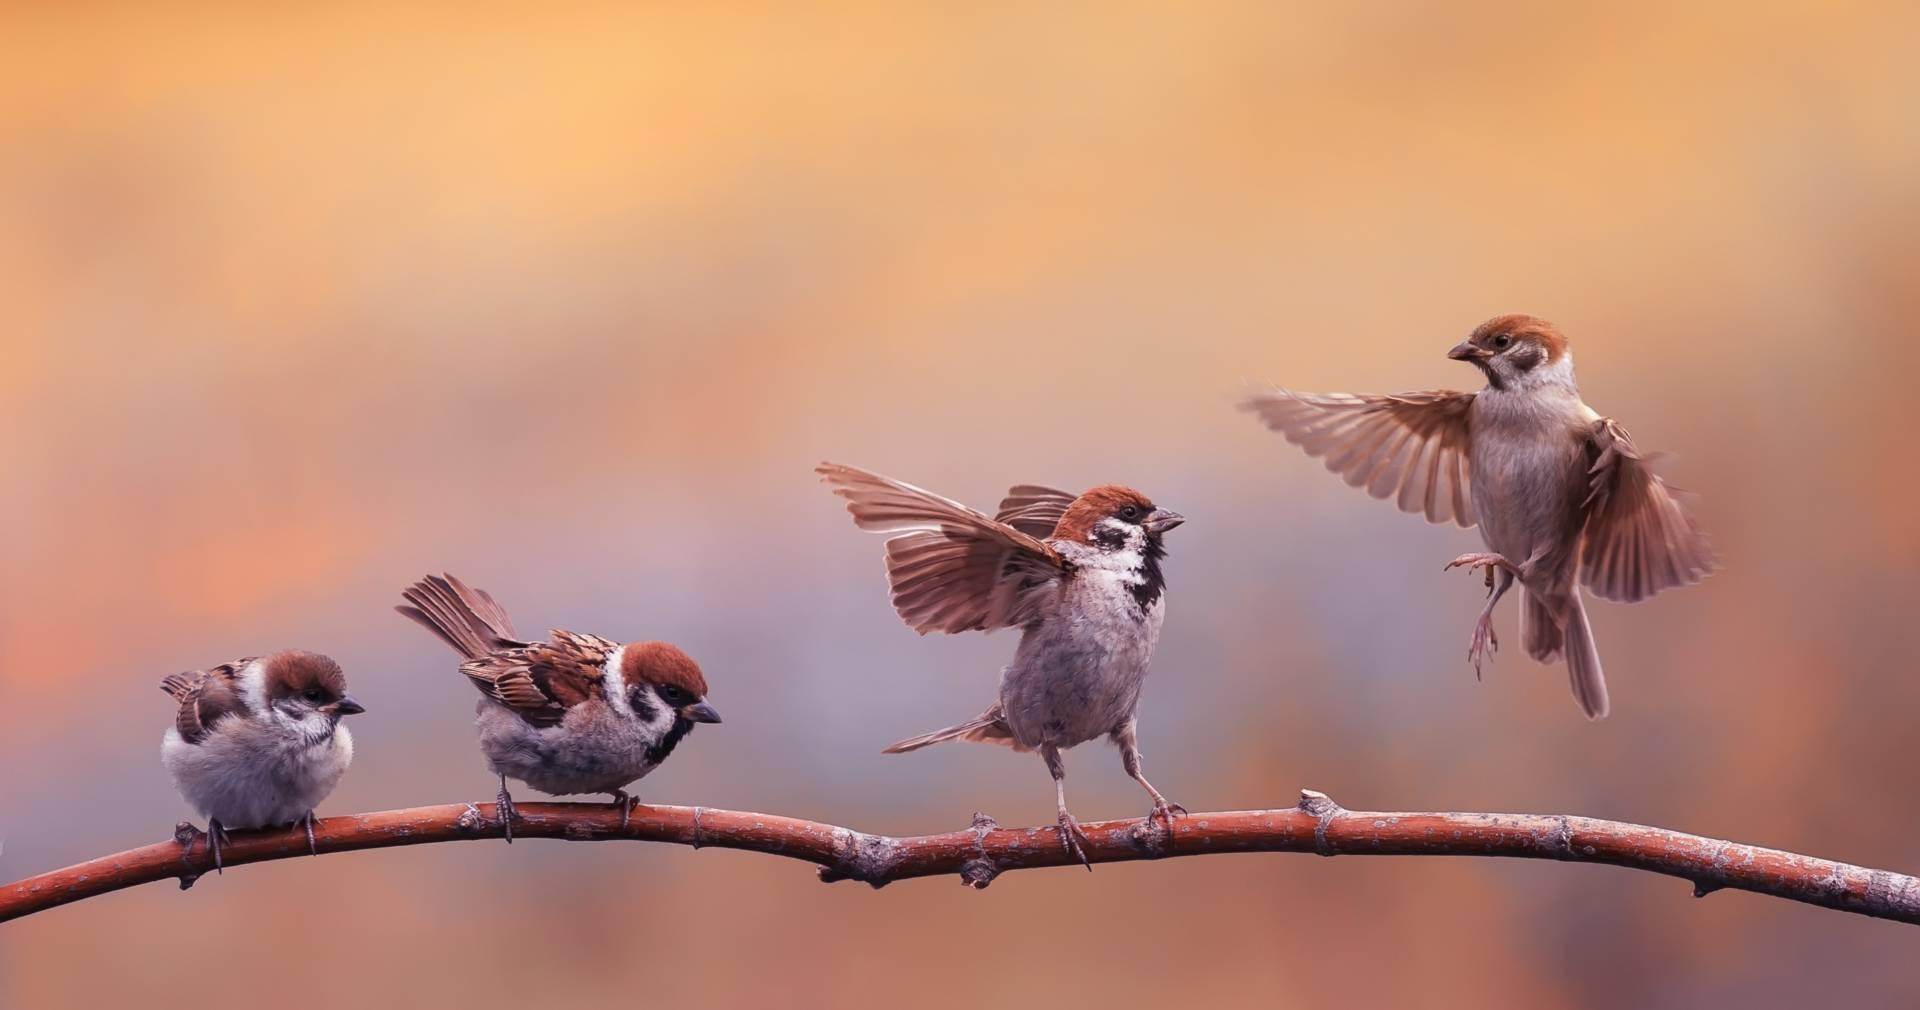 Ptasie radio, śpiew ptaków. Wróble siedzą na gałęzi i śpiewają.